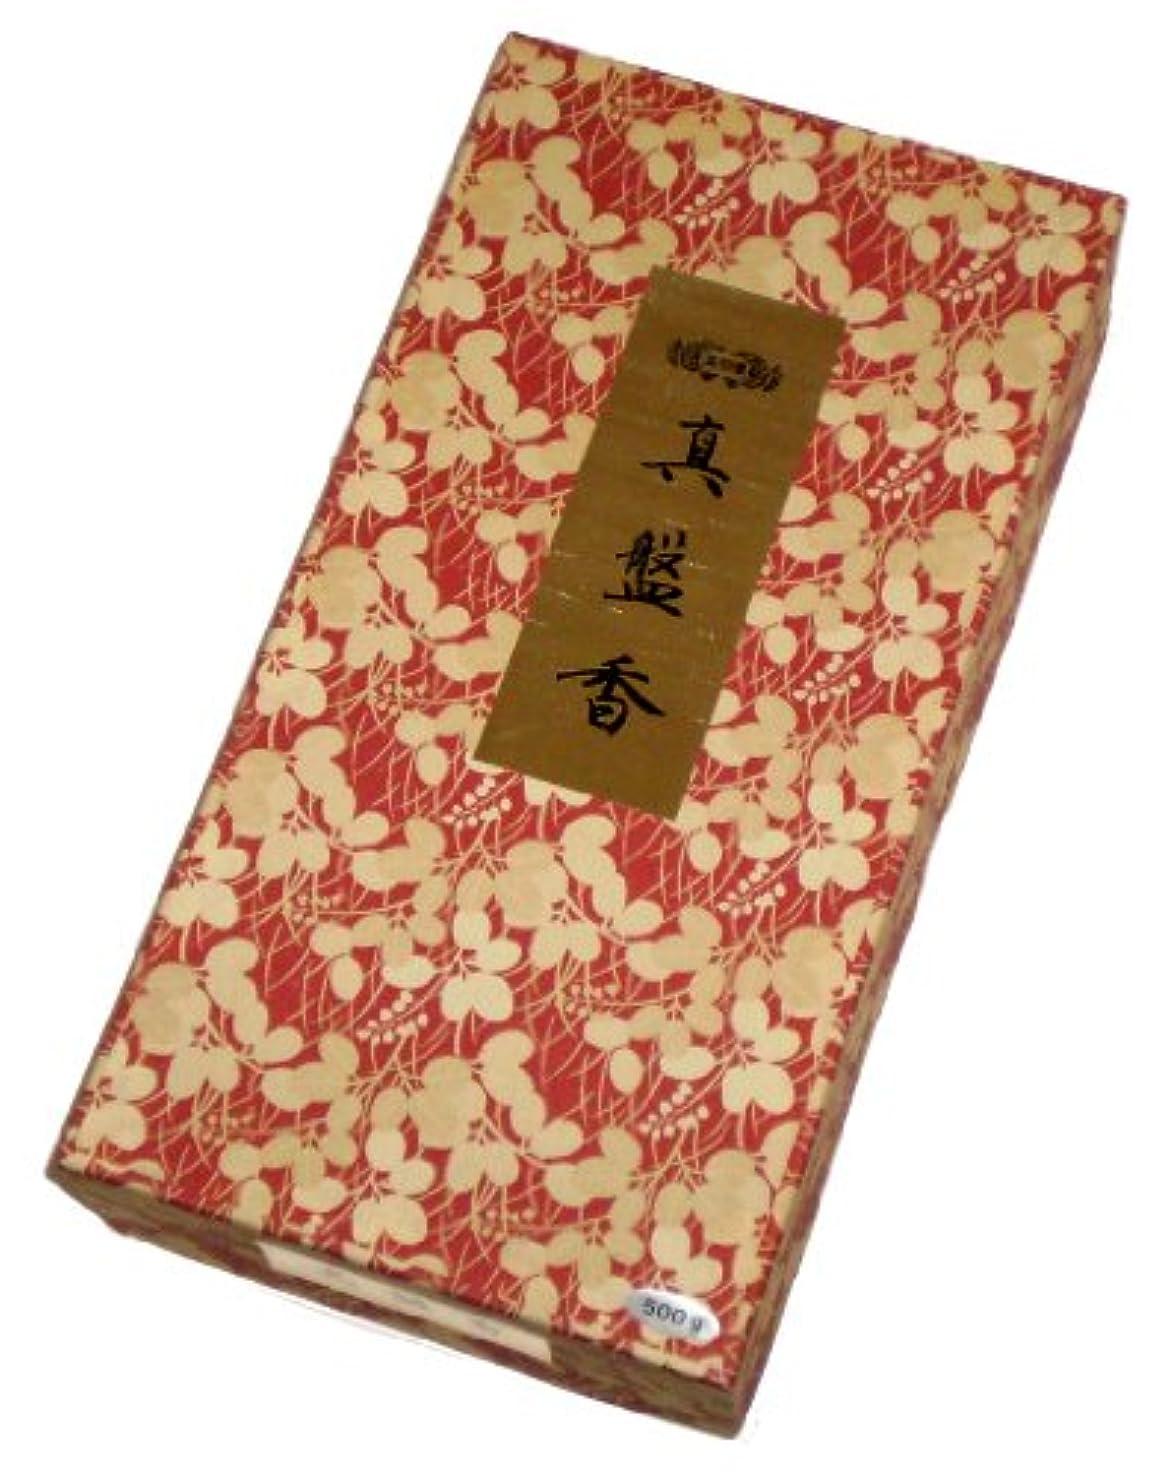 魅力的であることへのアピール見る人血統玉初堂のお香 真盤香 500g #611